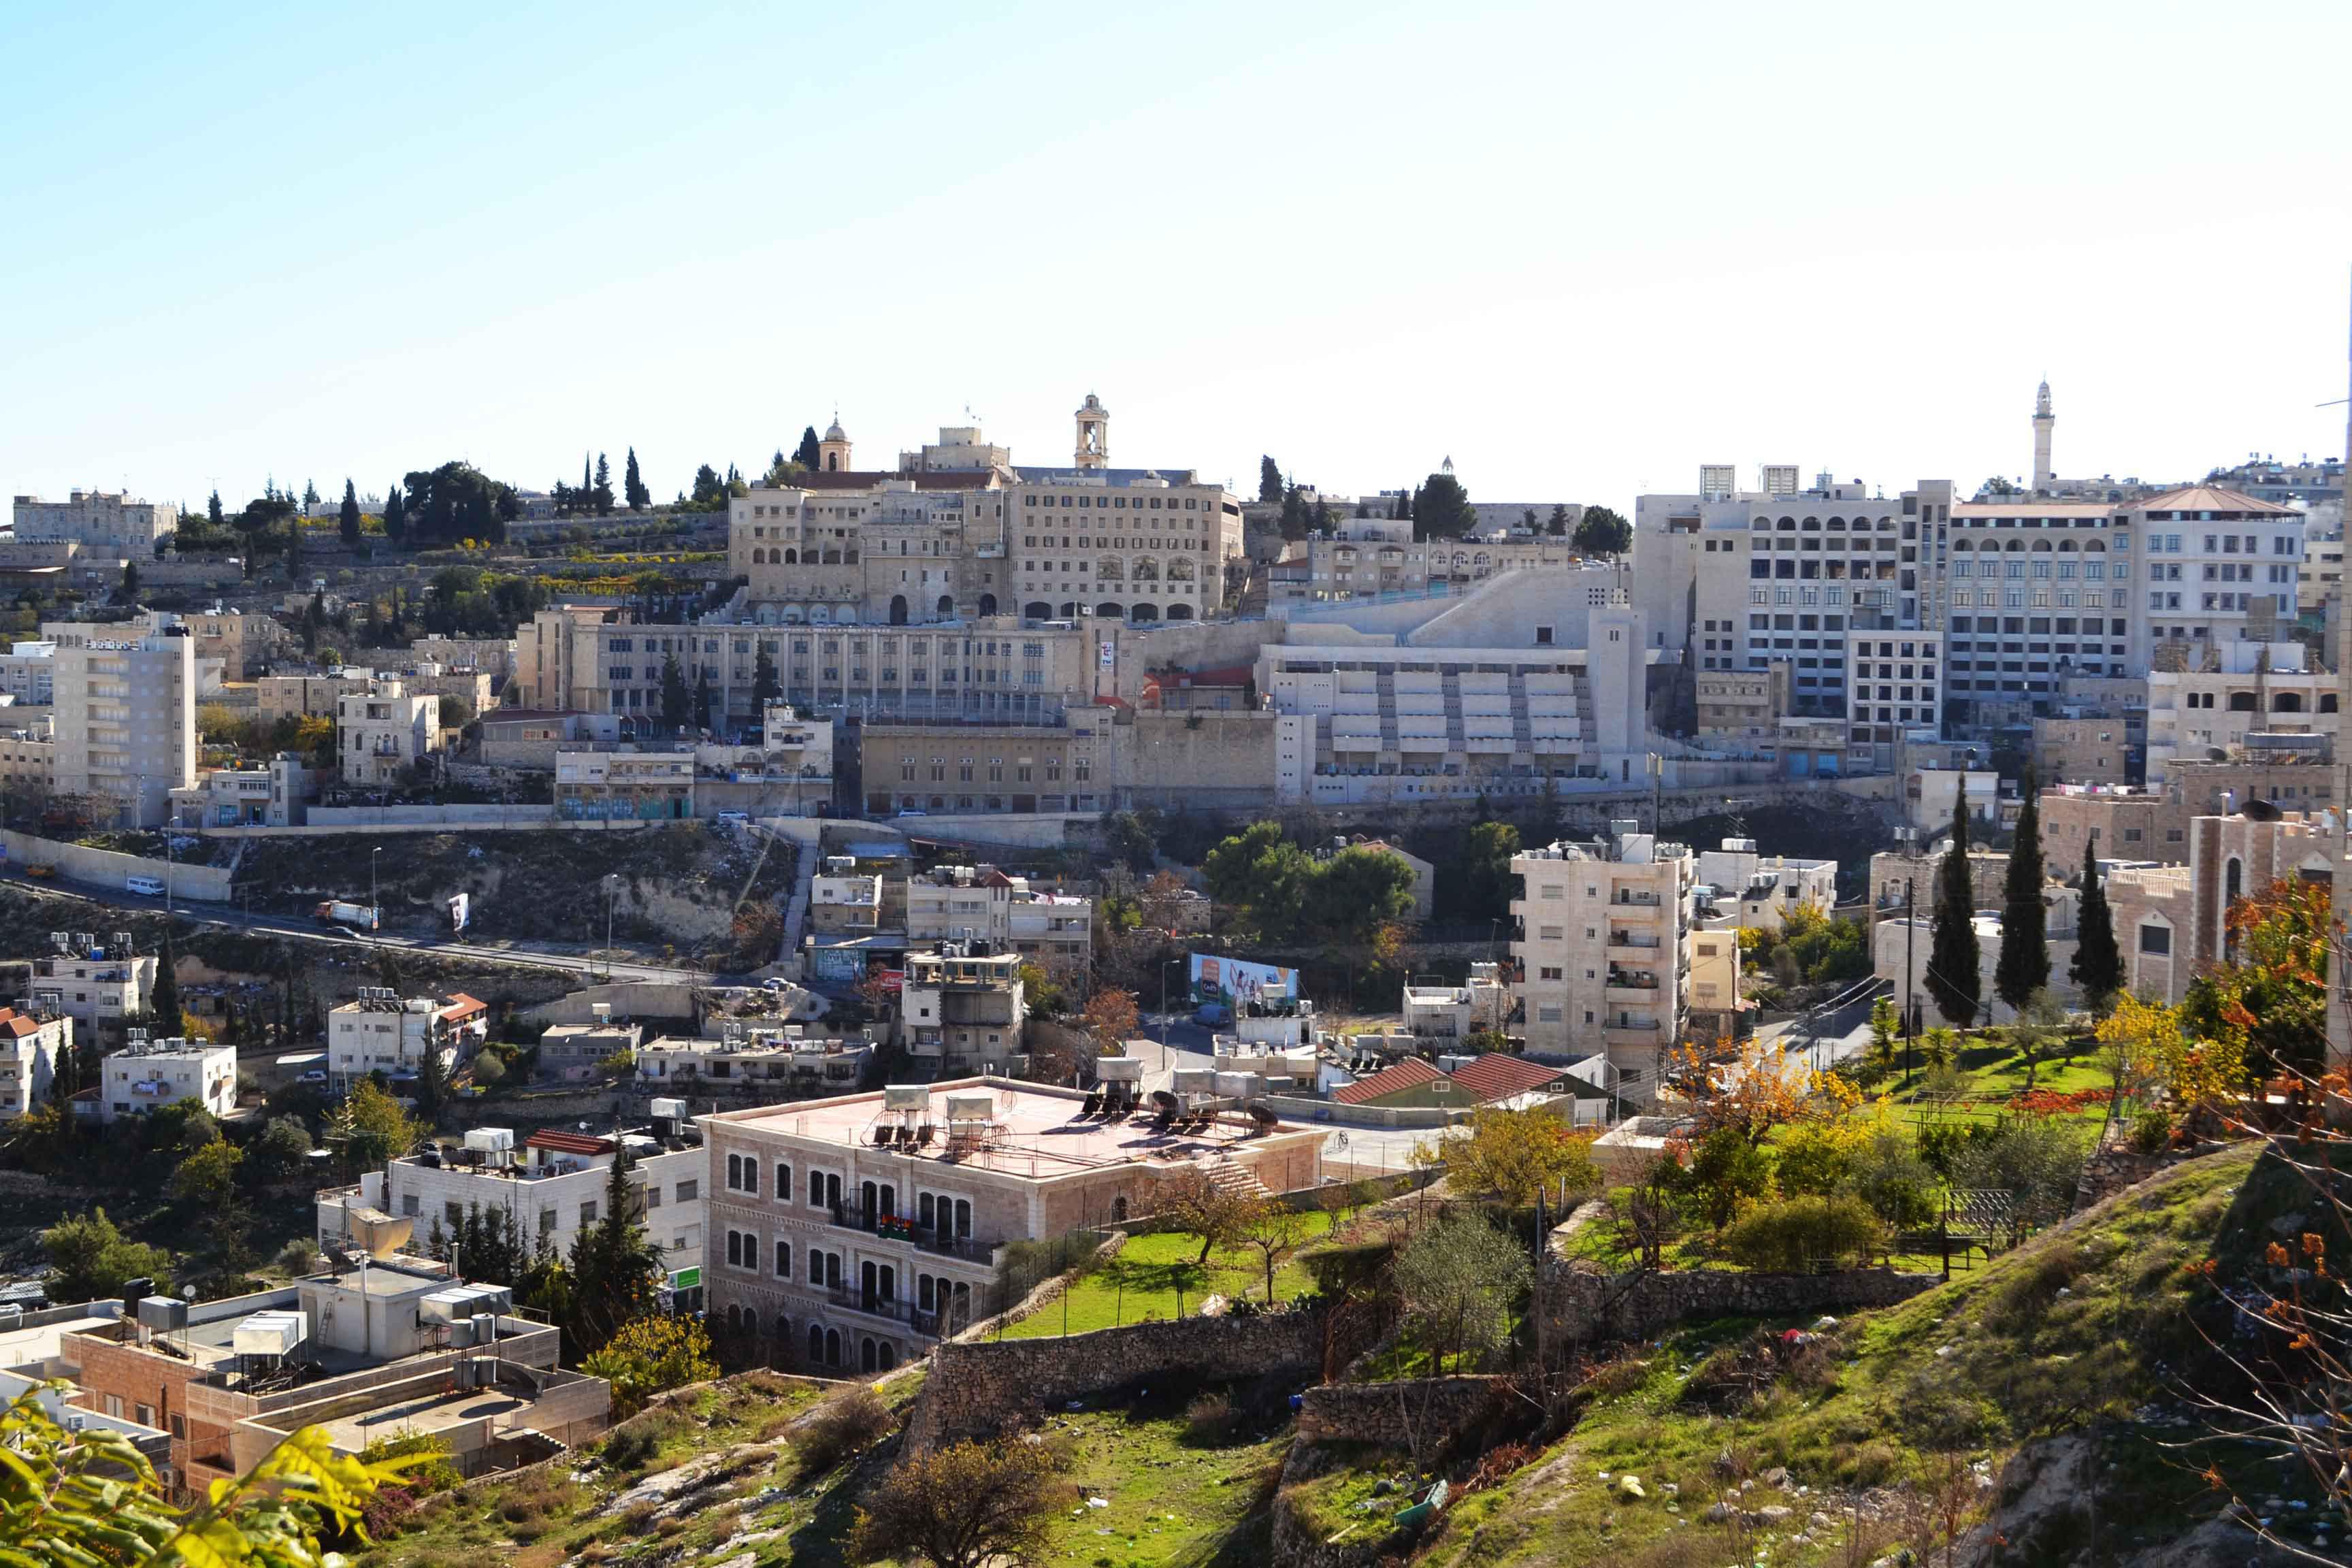 Bethlehem_Overlooking